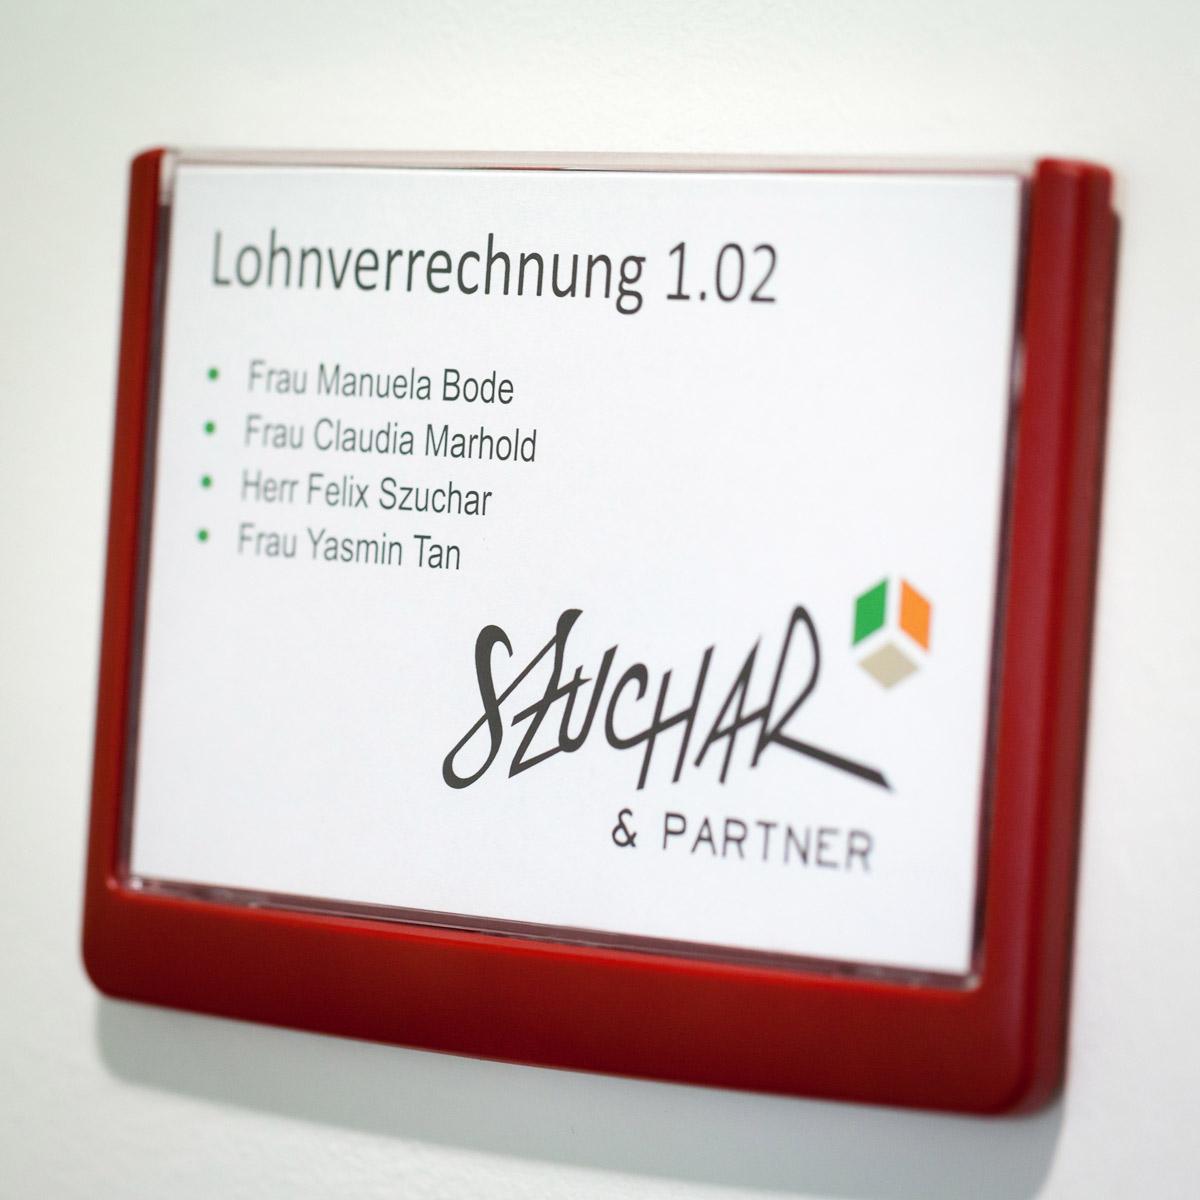 Mitarbeiterportraits und Details der Arbeitsmaterialien der Firma Szuchar